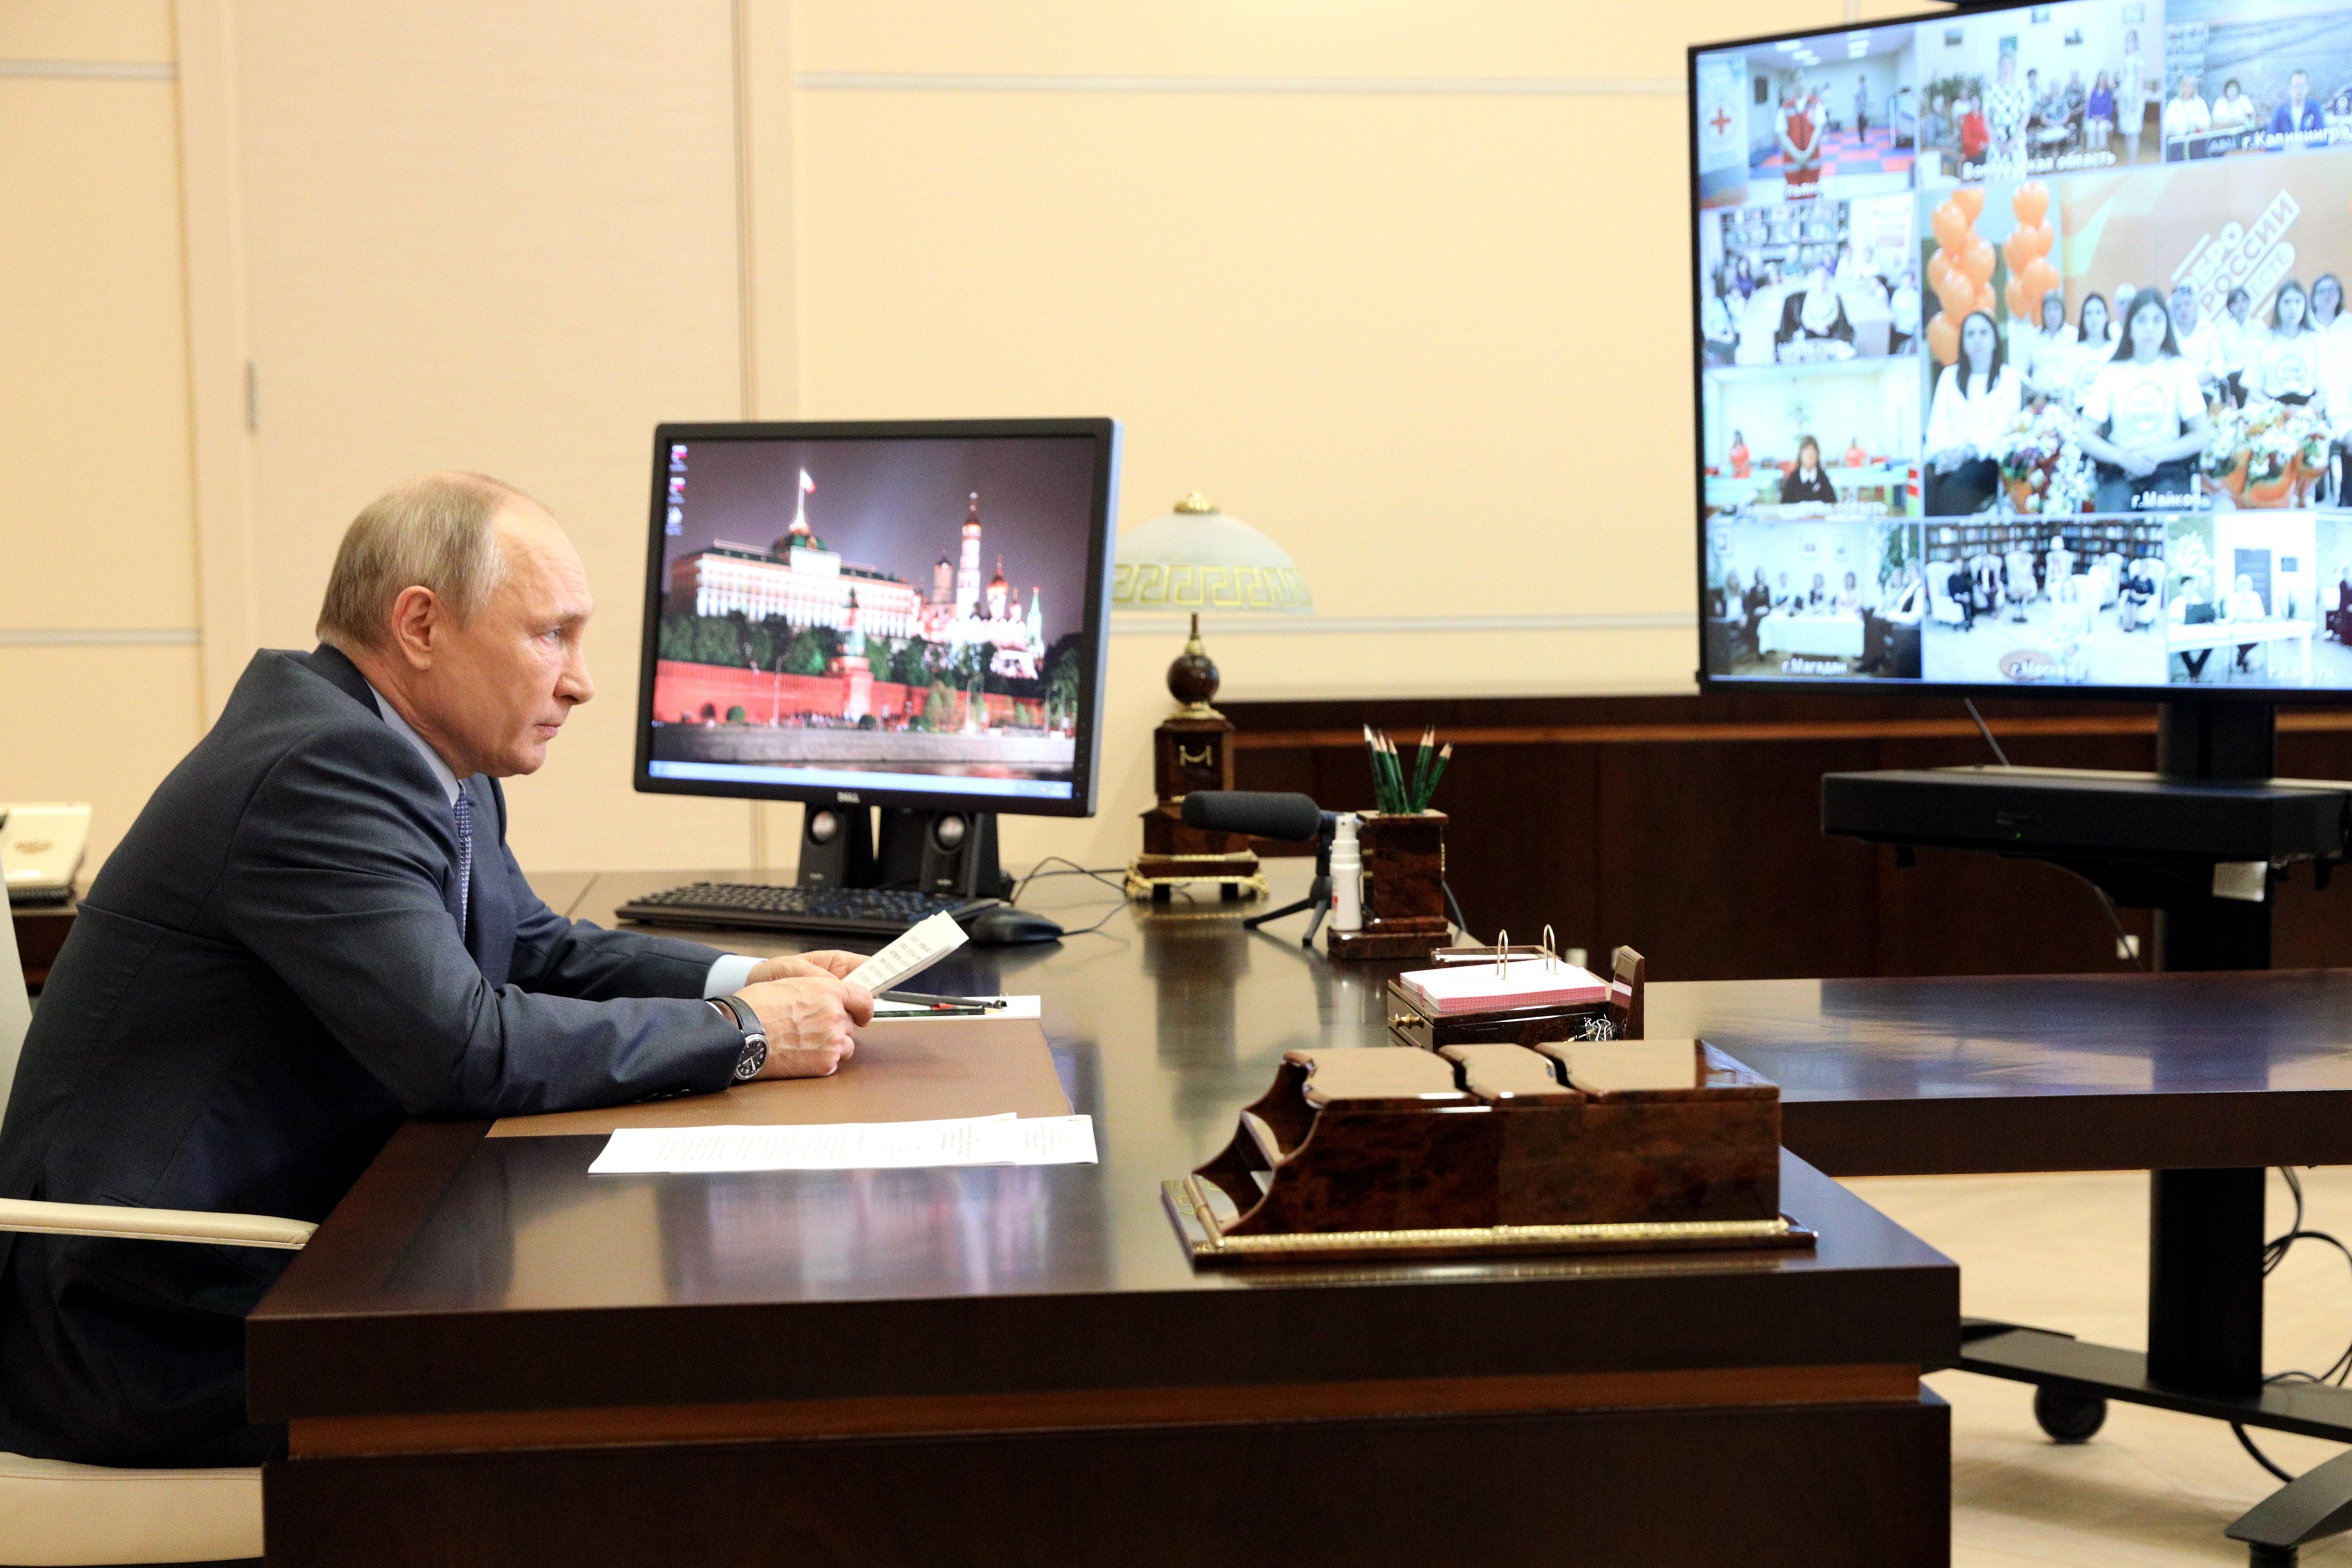 Путин оценил ставропольскую программу по предотвращению социального одиночества